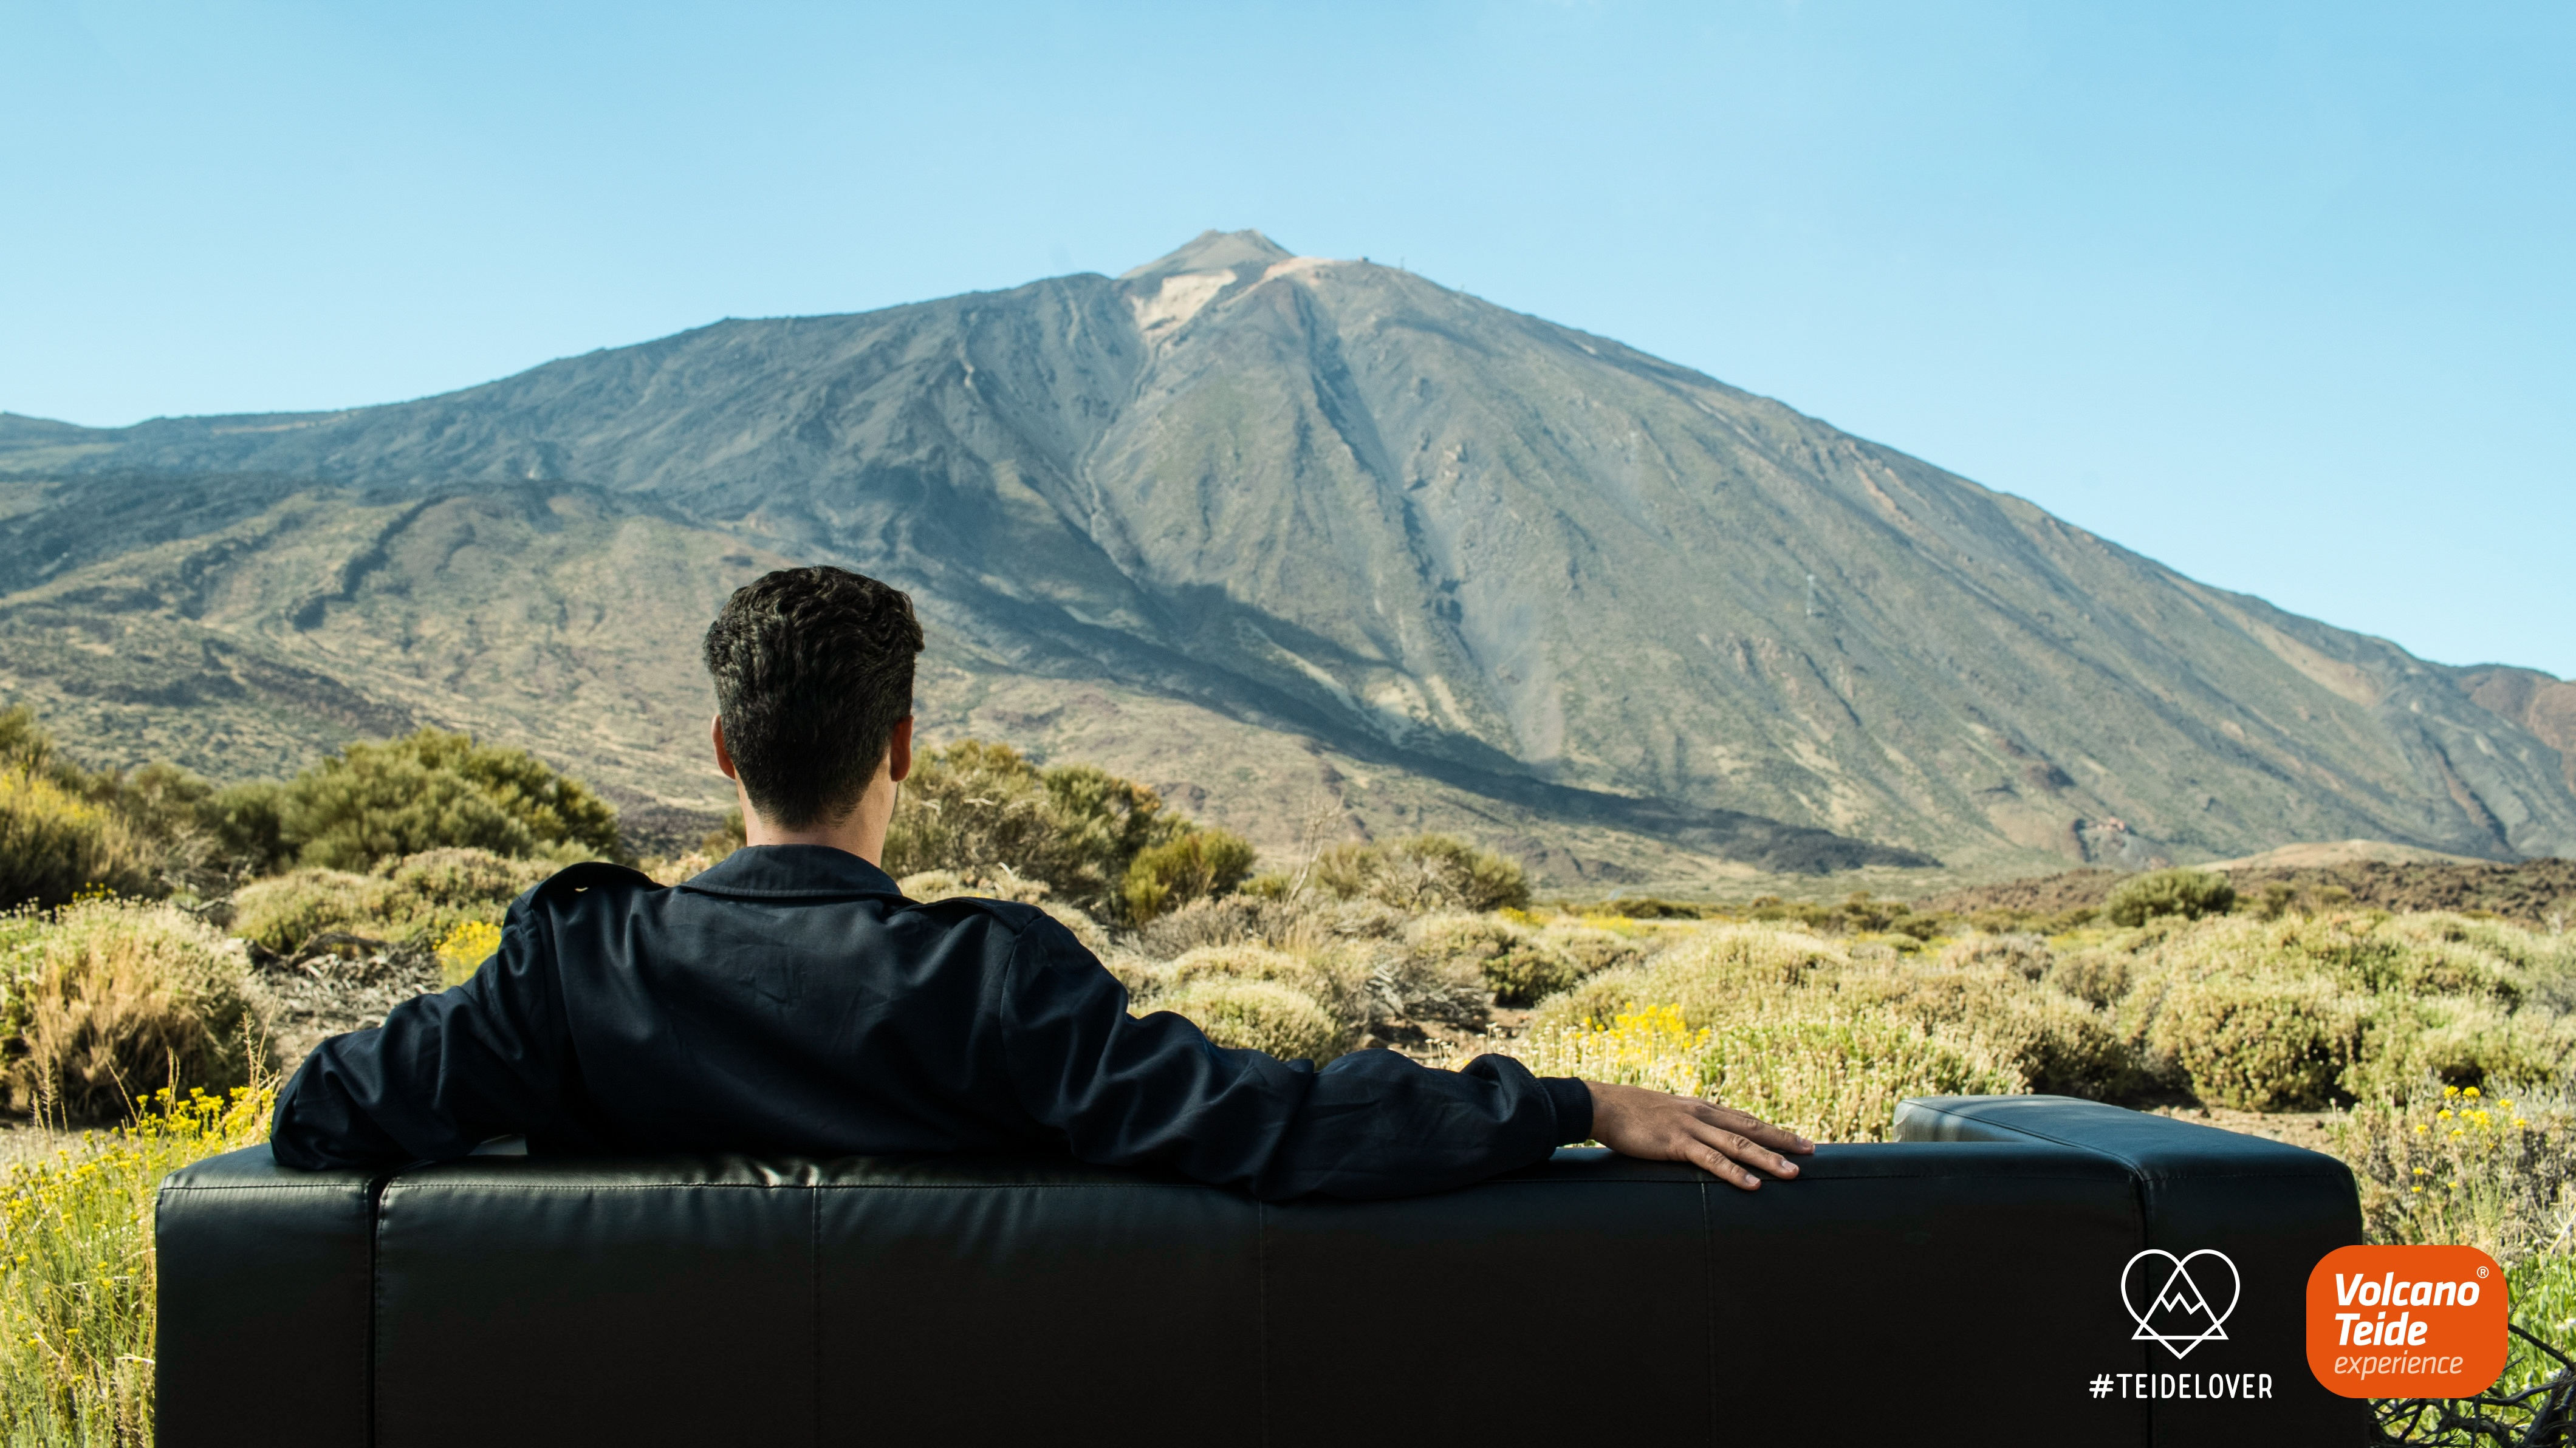 Cosa fare sul Teide: calendario settimanale di attività ed escursioni